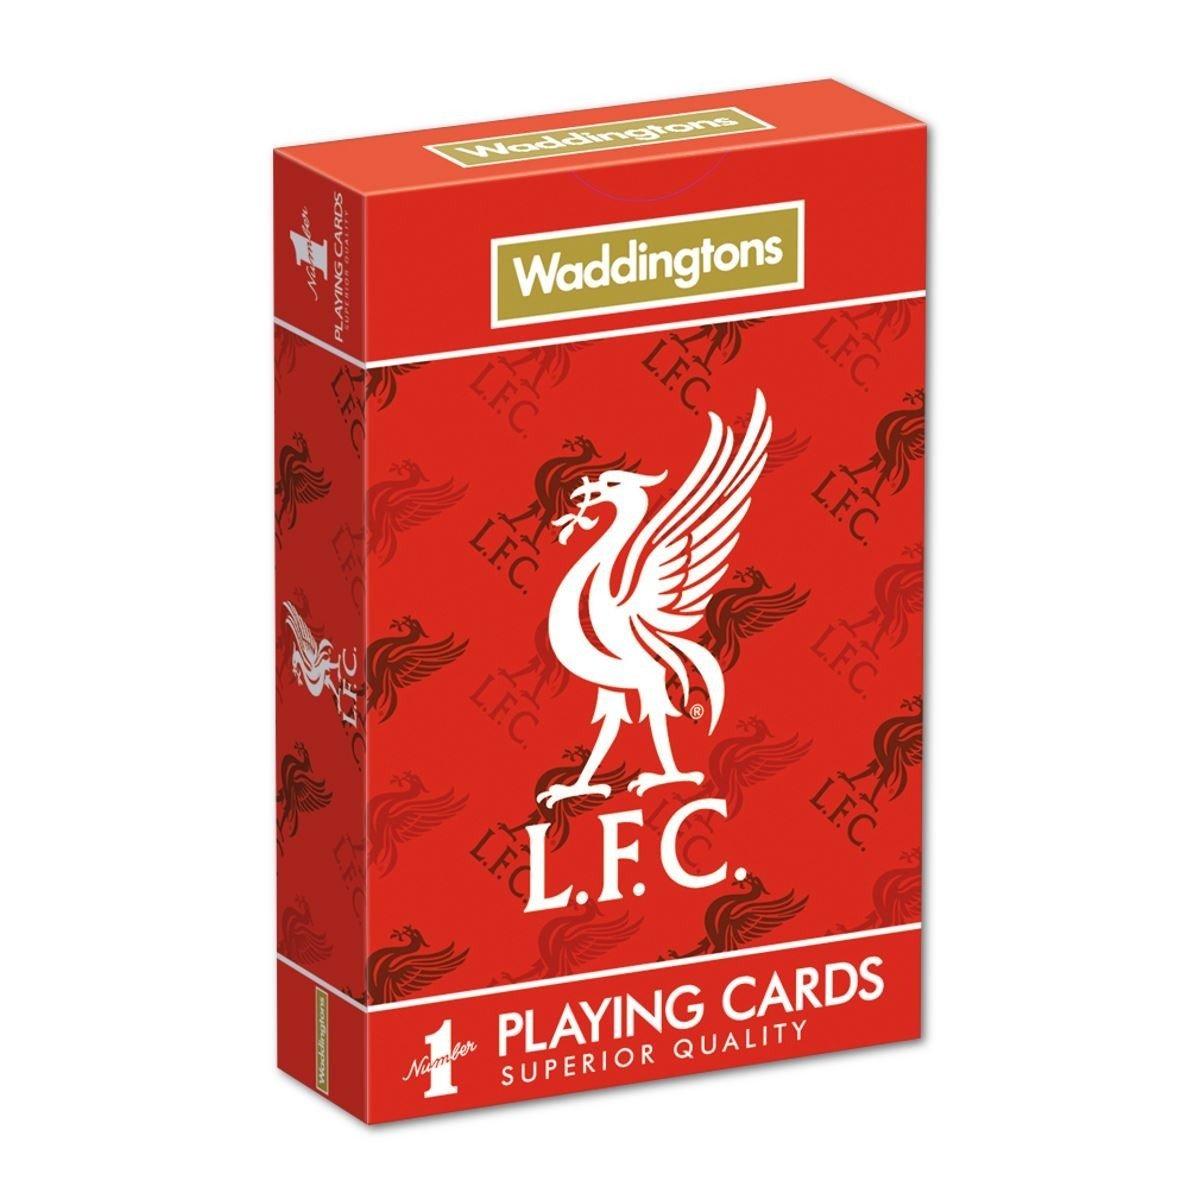 /Juego de cartas Liverpool F.C./